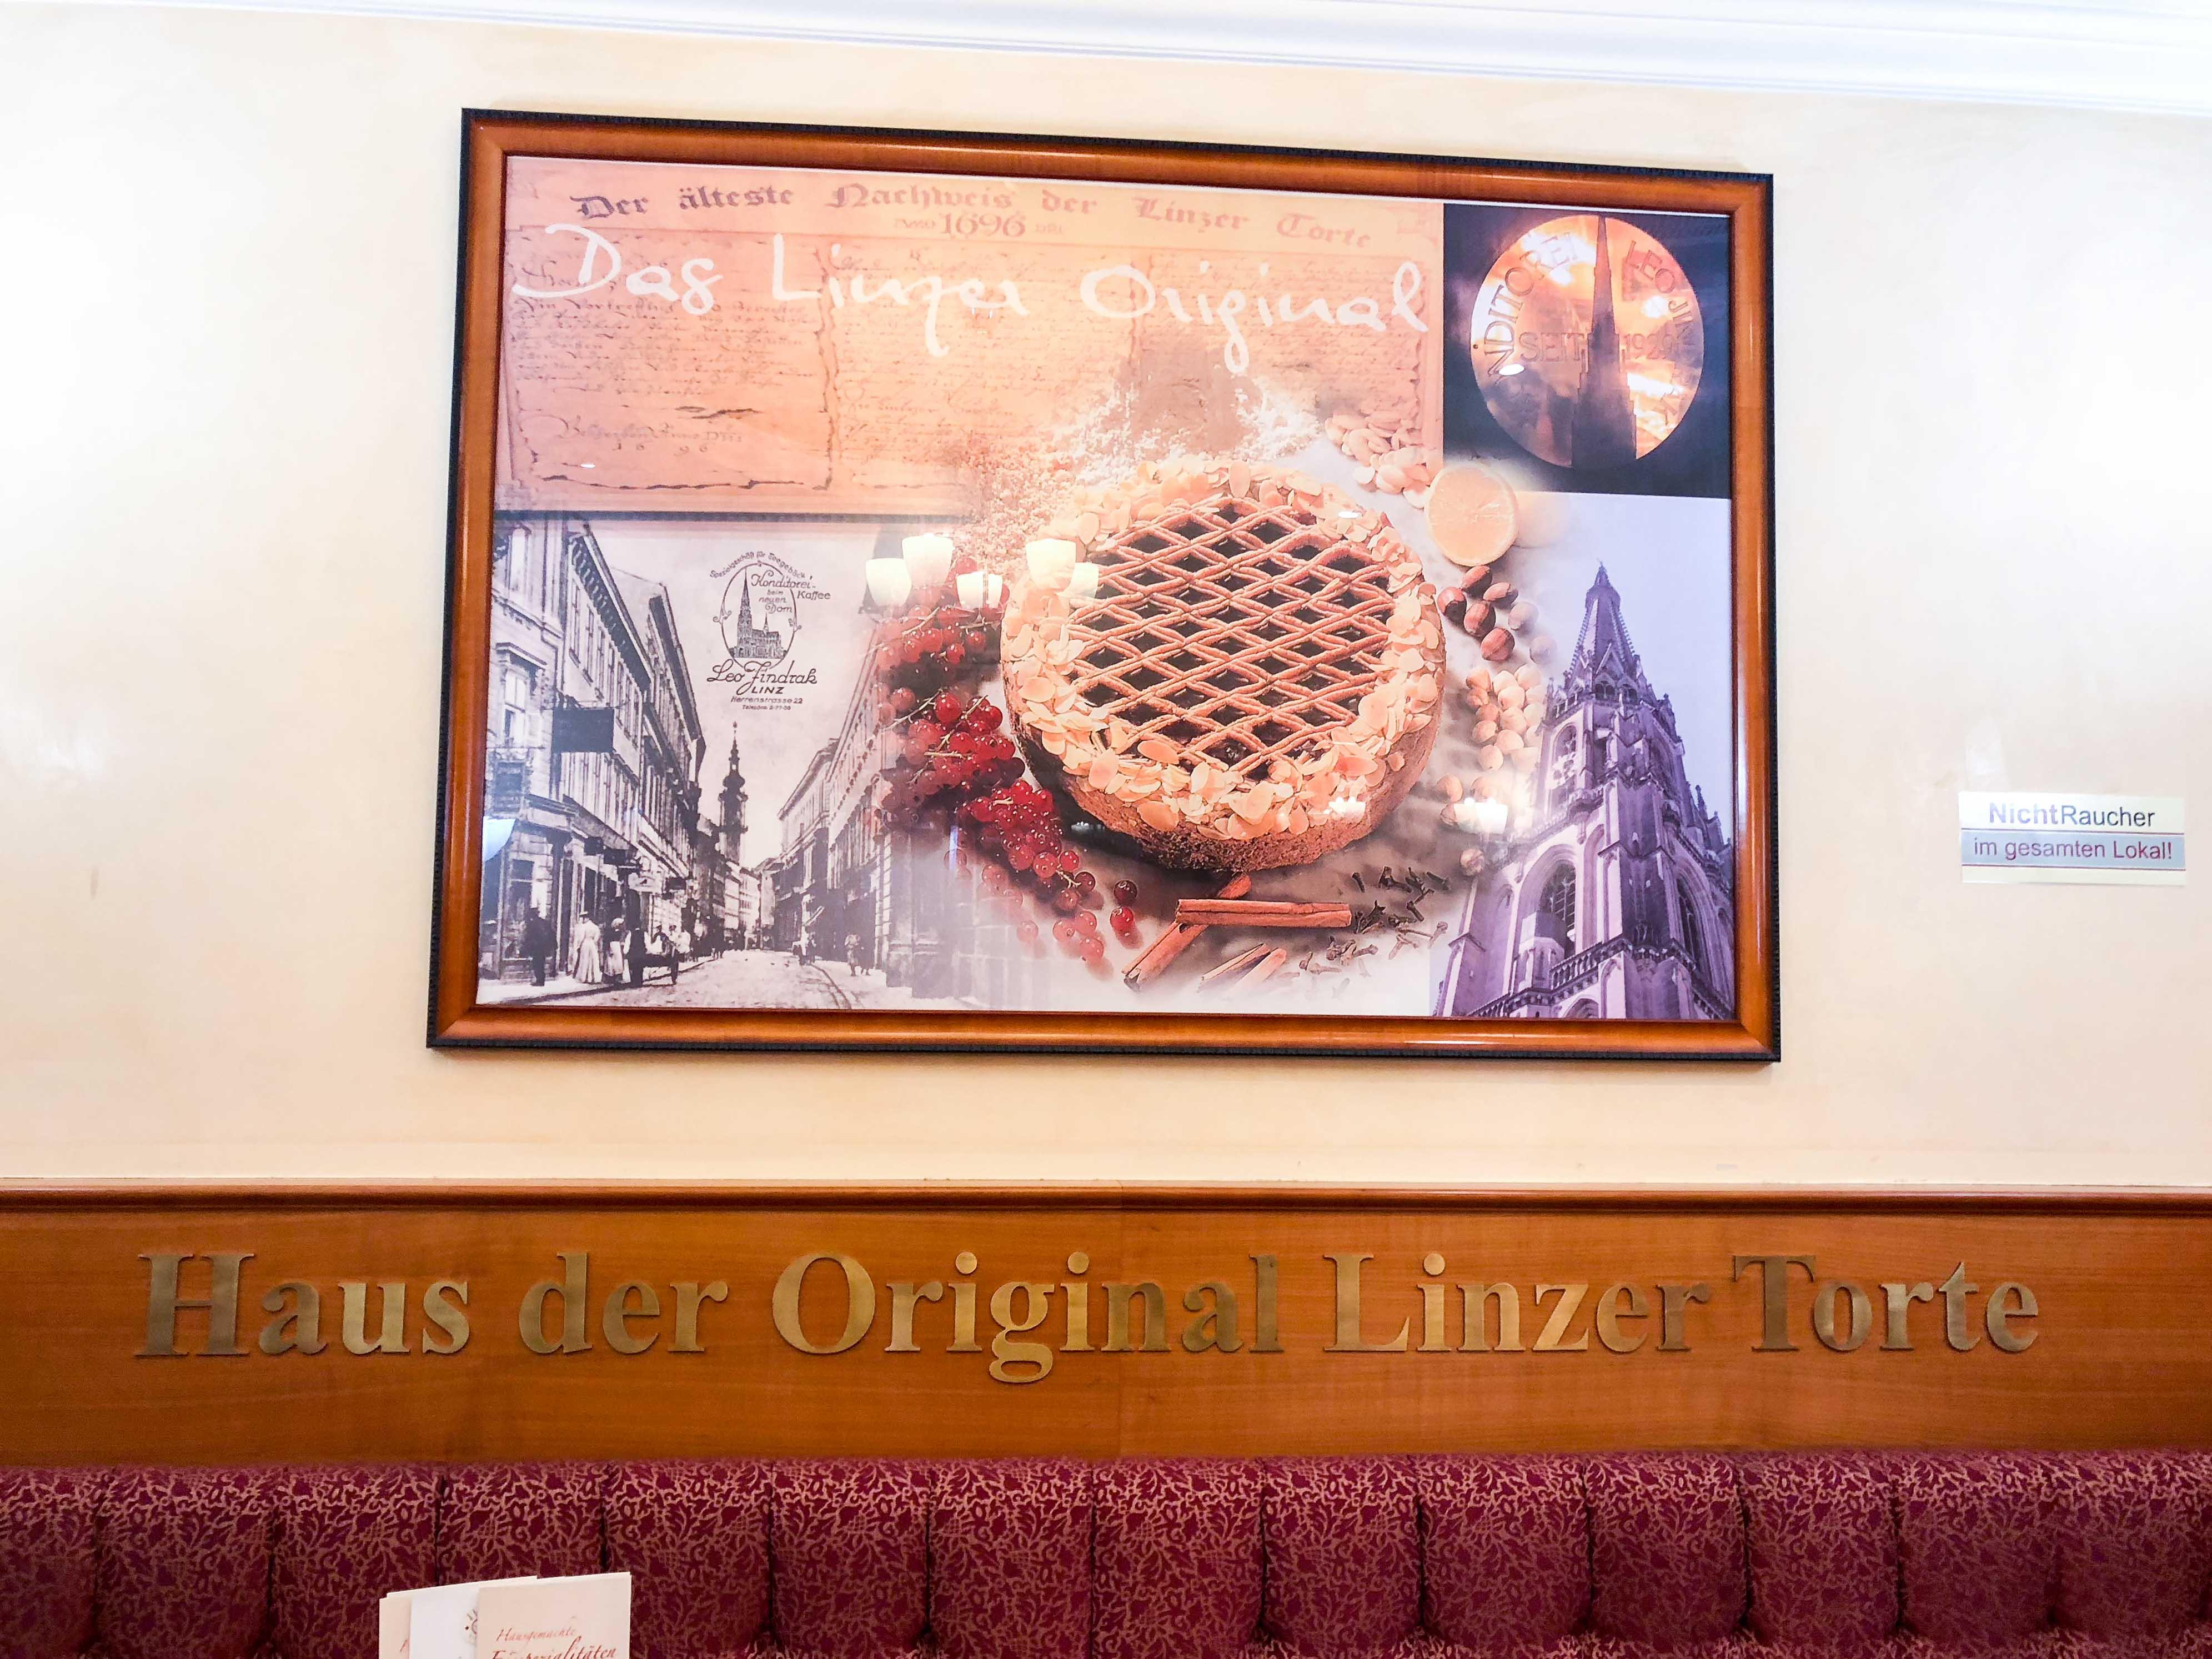 Linz Österreich Insider Tipps original Linzer Torte Konditorei Jindrak Donaukreuzfahrt Arosa Reiseblog 2